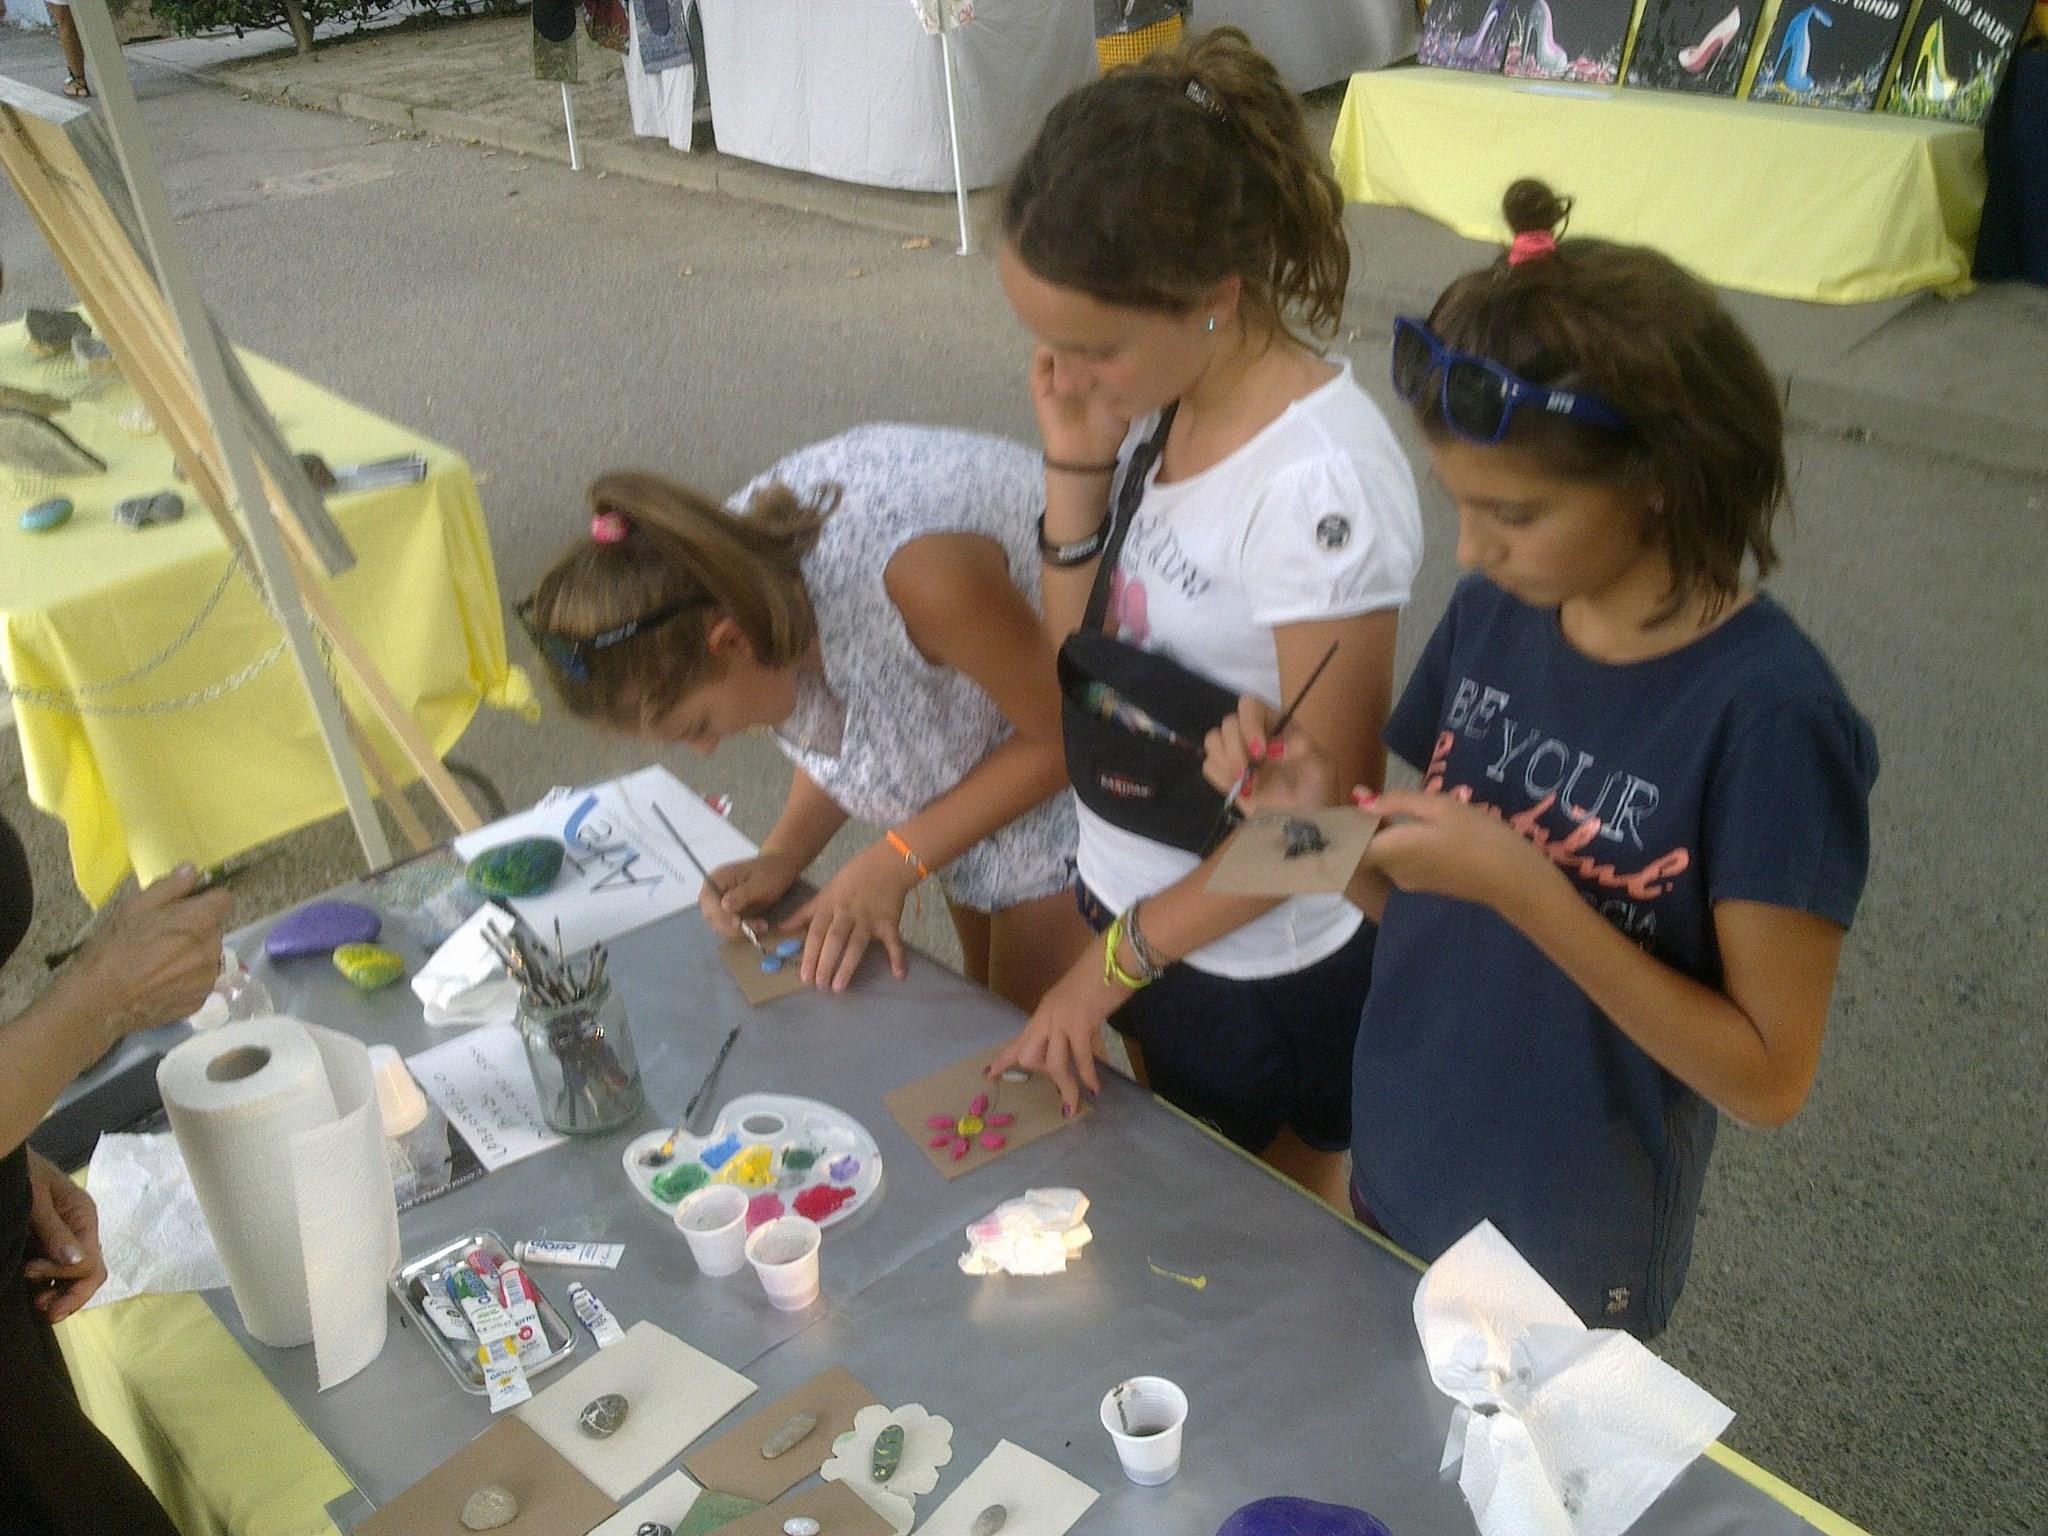 ArTre a Rivergaro : esposizione e laboratori 11 settembre 2016